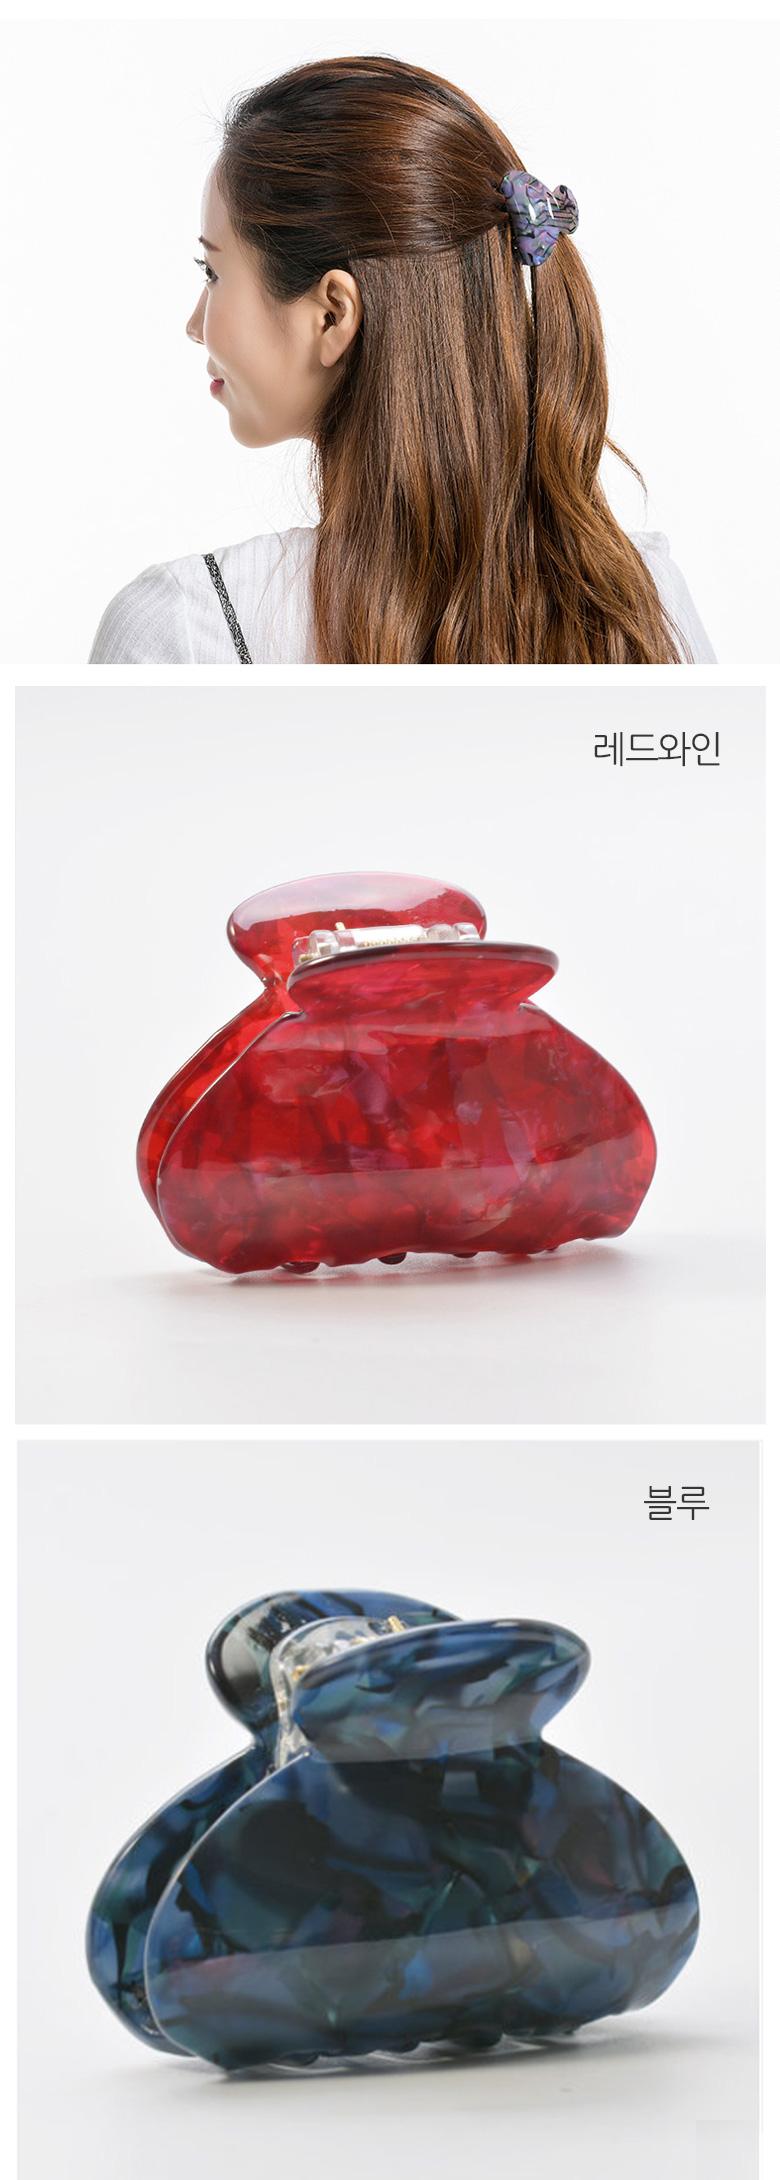 링벨집게핀 - 유앤알코리아, 3,700원, 헤어핀/밴드/끈, 헤어핀/끈